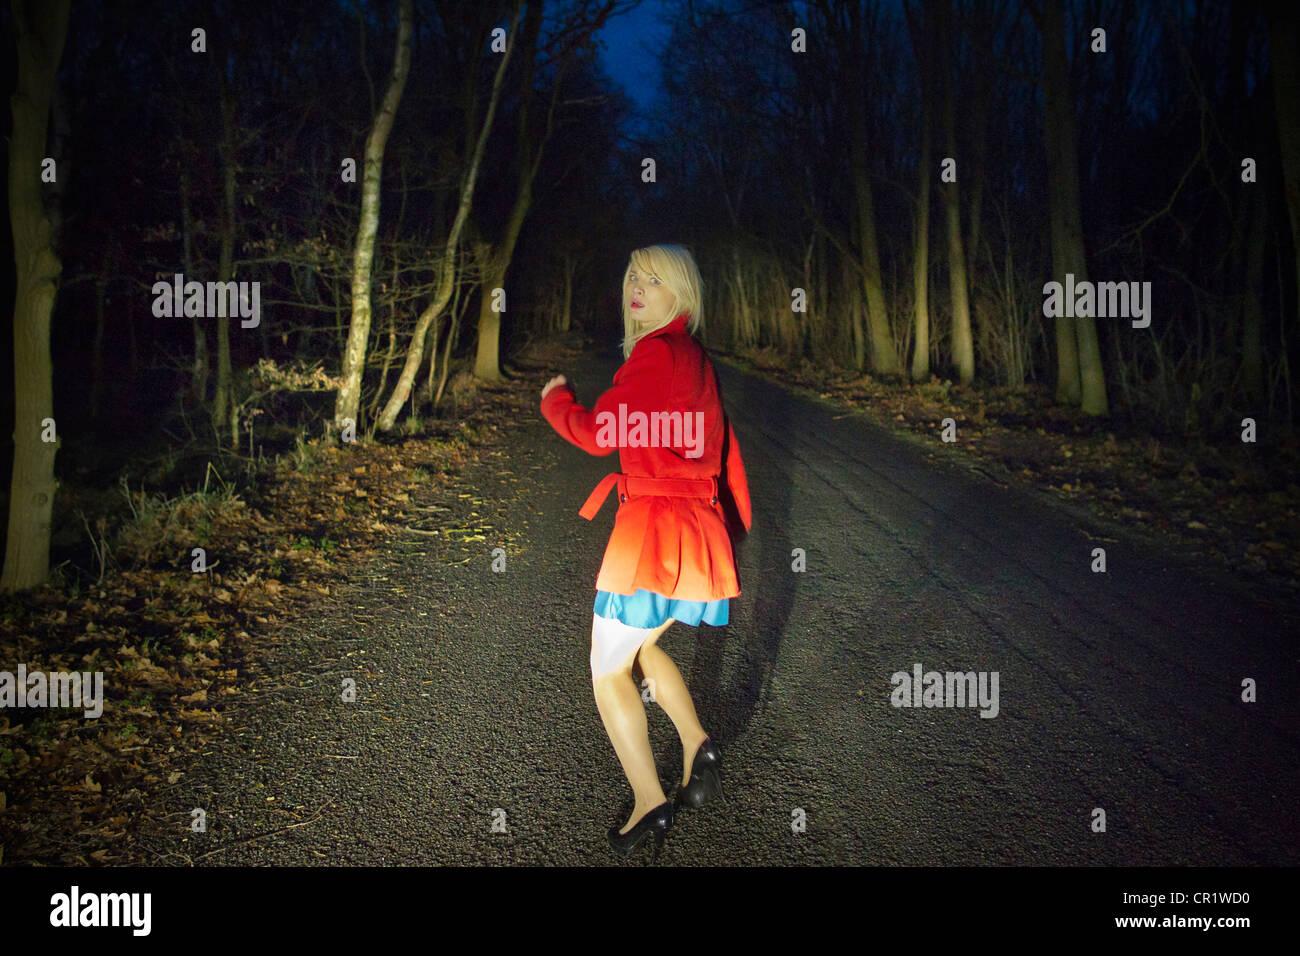 Femme tournant dans la peur dans les bois La nuit Photo Stock